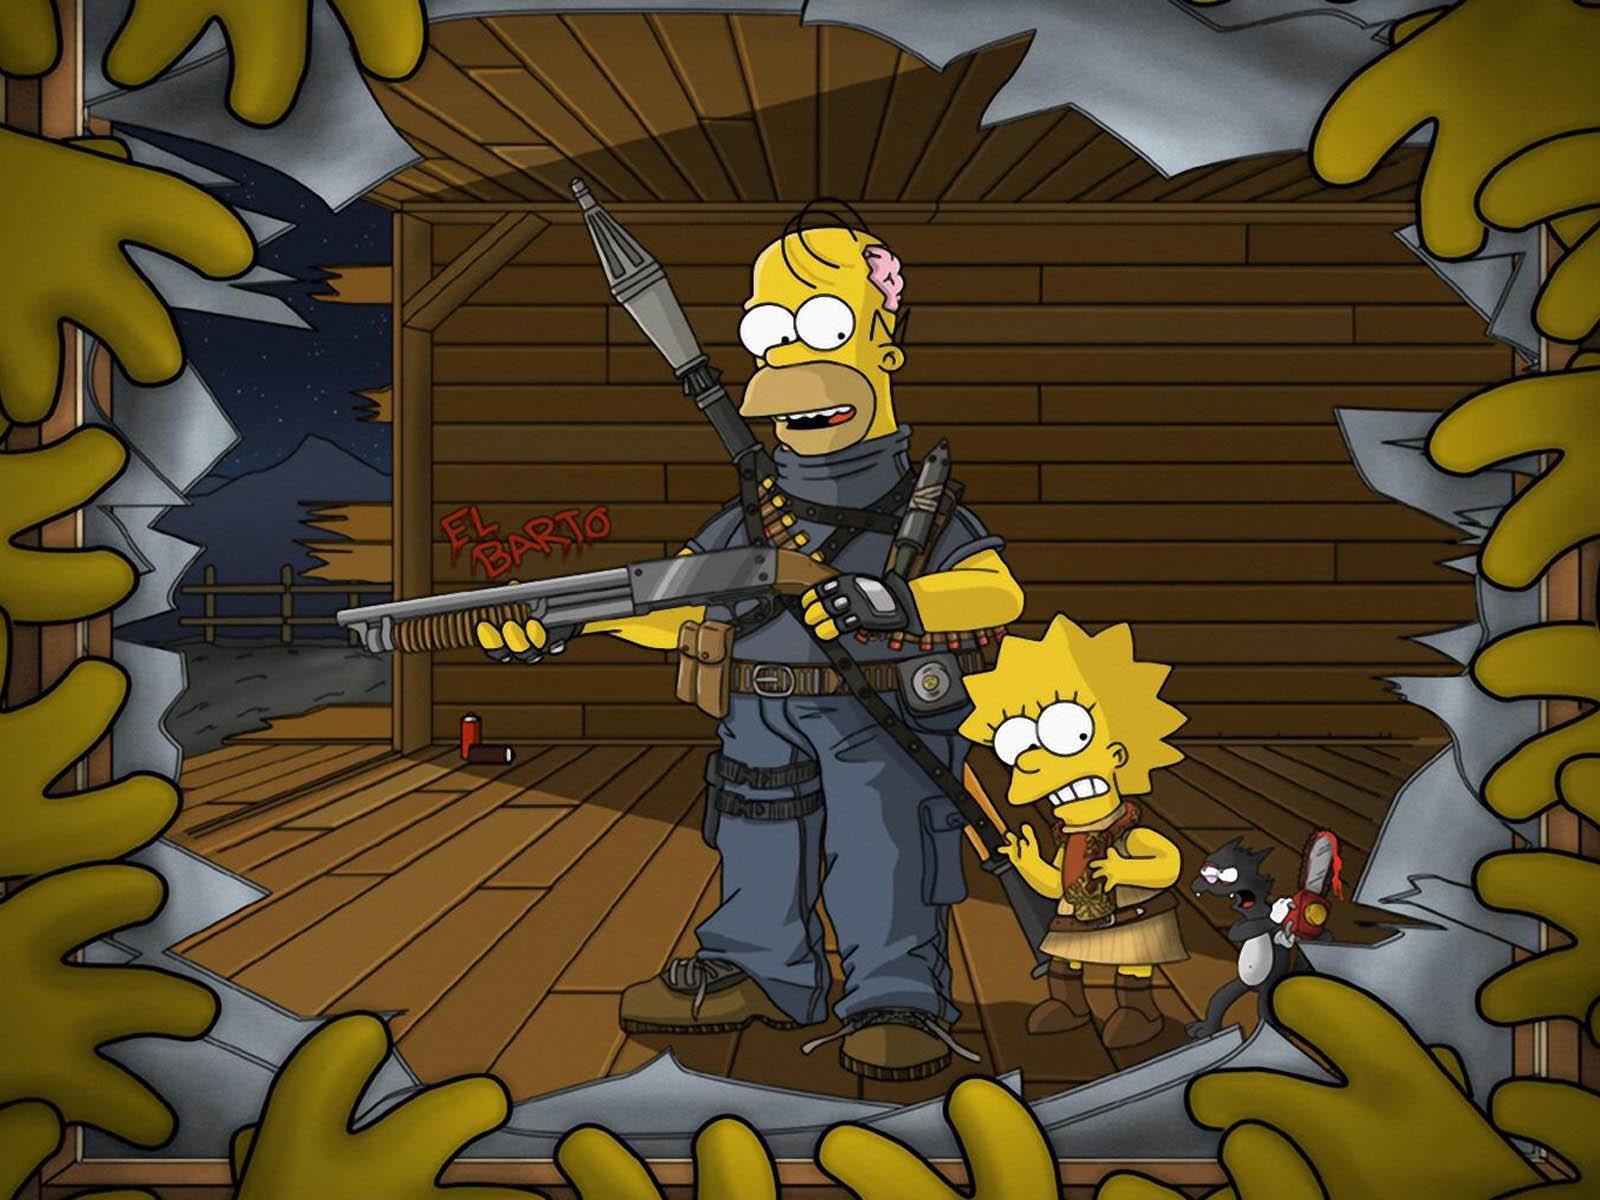 Simpsons Wallpaper For Bedroom The Simpsons Wallpaper Wallpapersafari